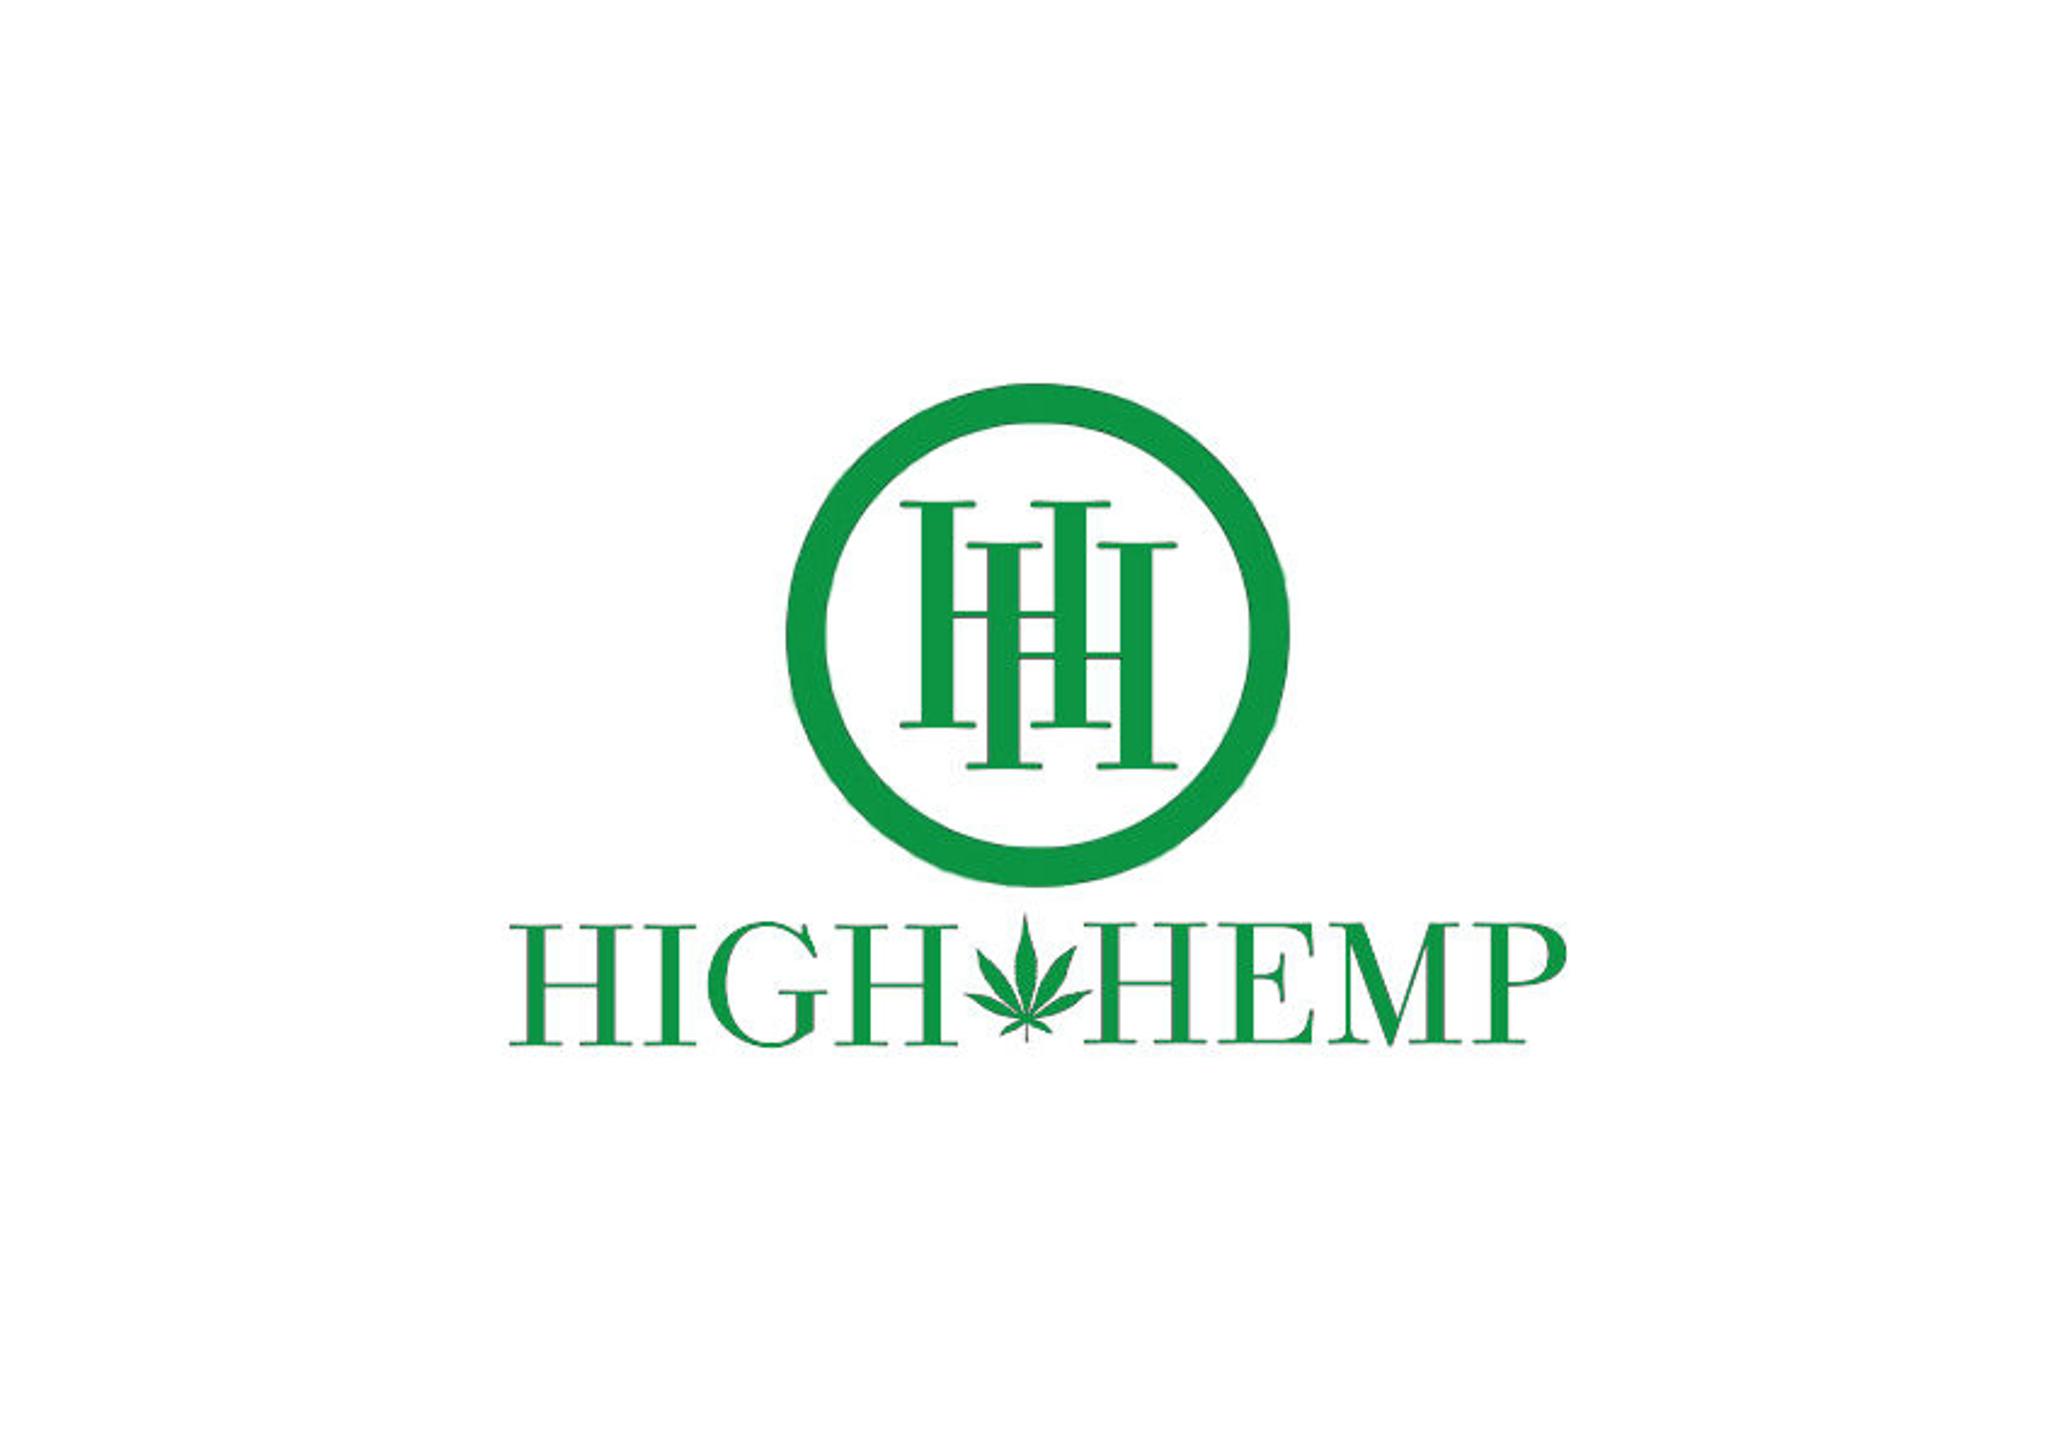 HIGH HEMP HERBAL ORGANIC WRAPS